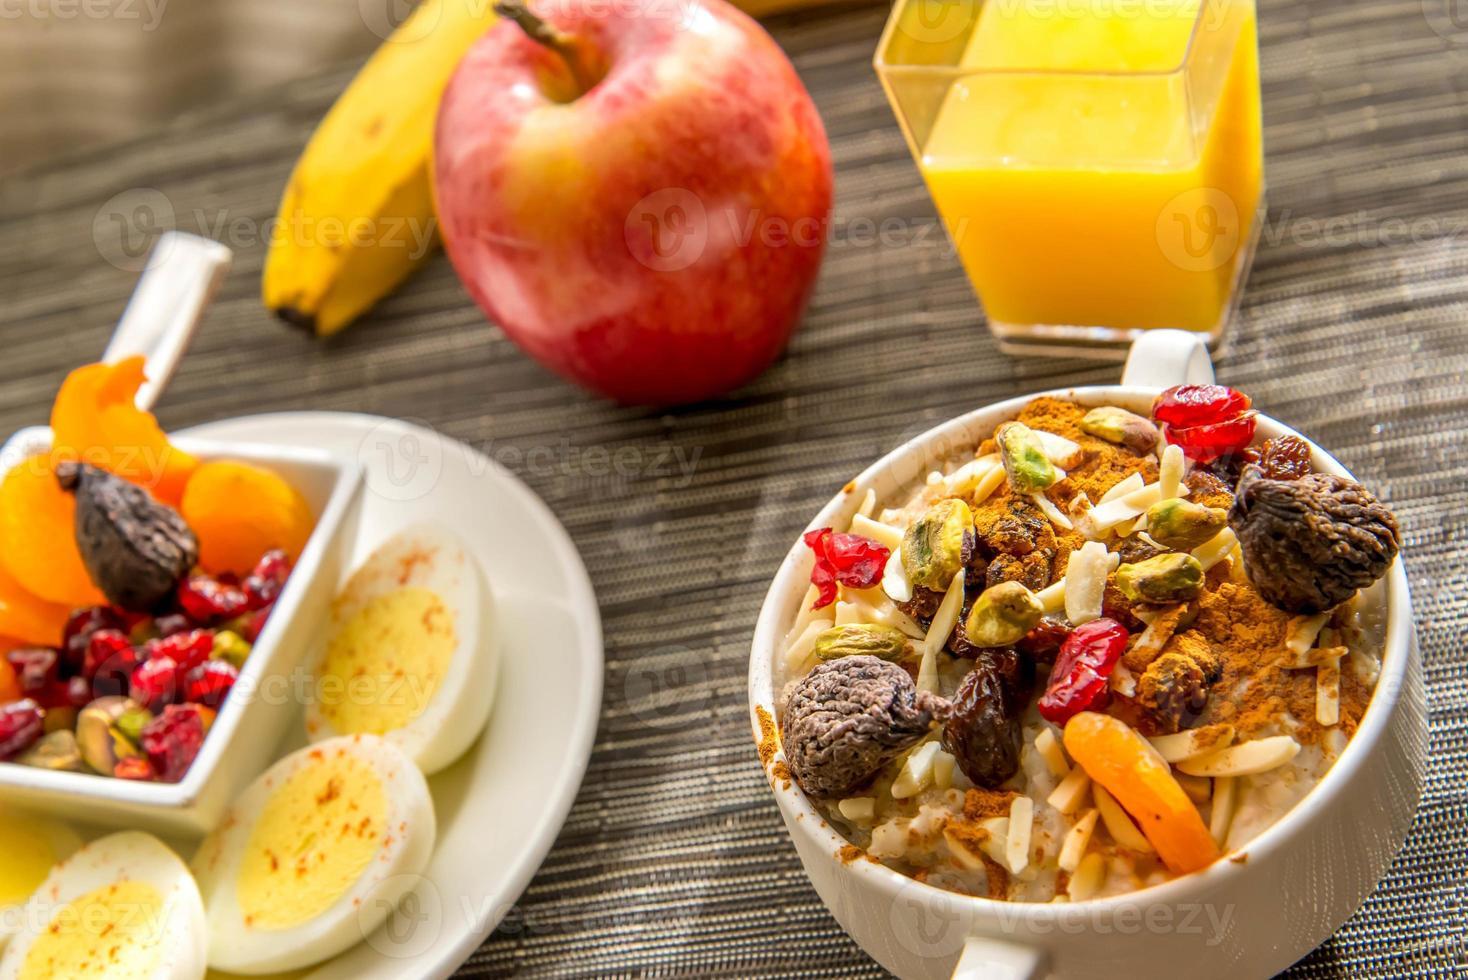 frisches Obst und Haferflocken mit gesunden Belägen zum Frühstück foto